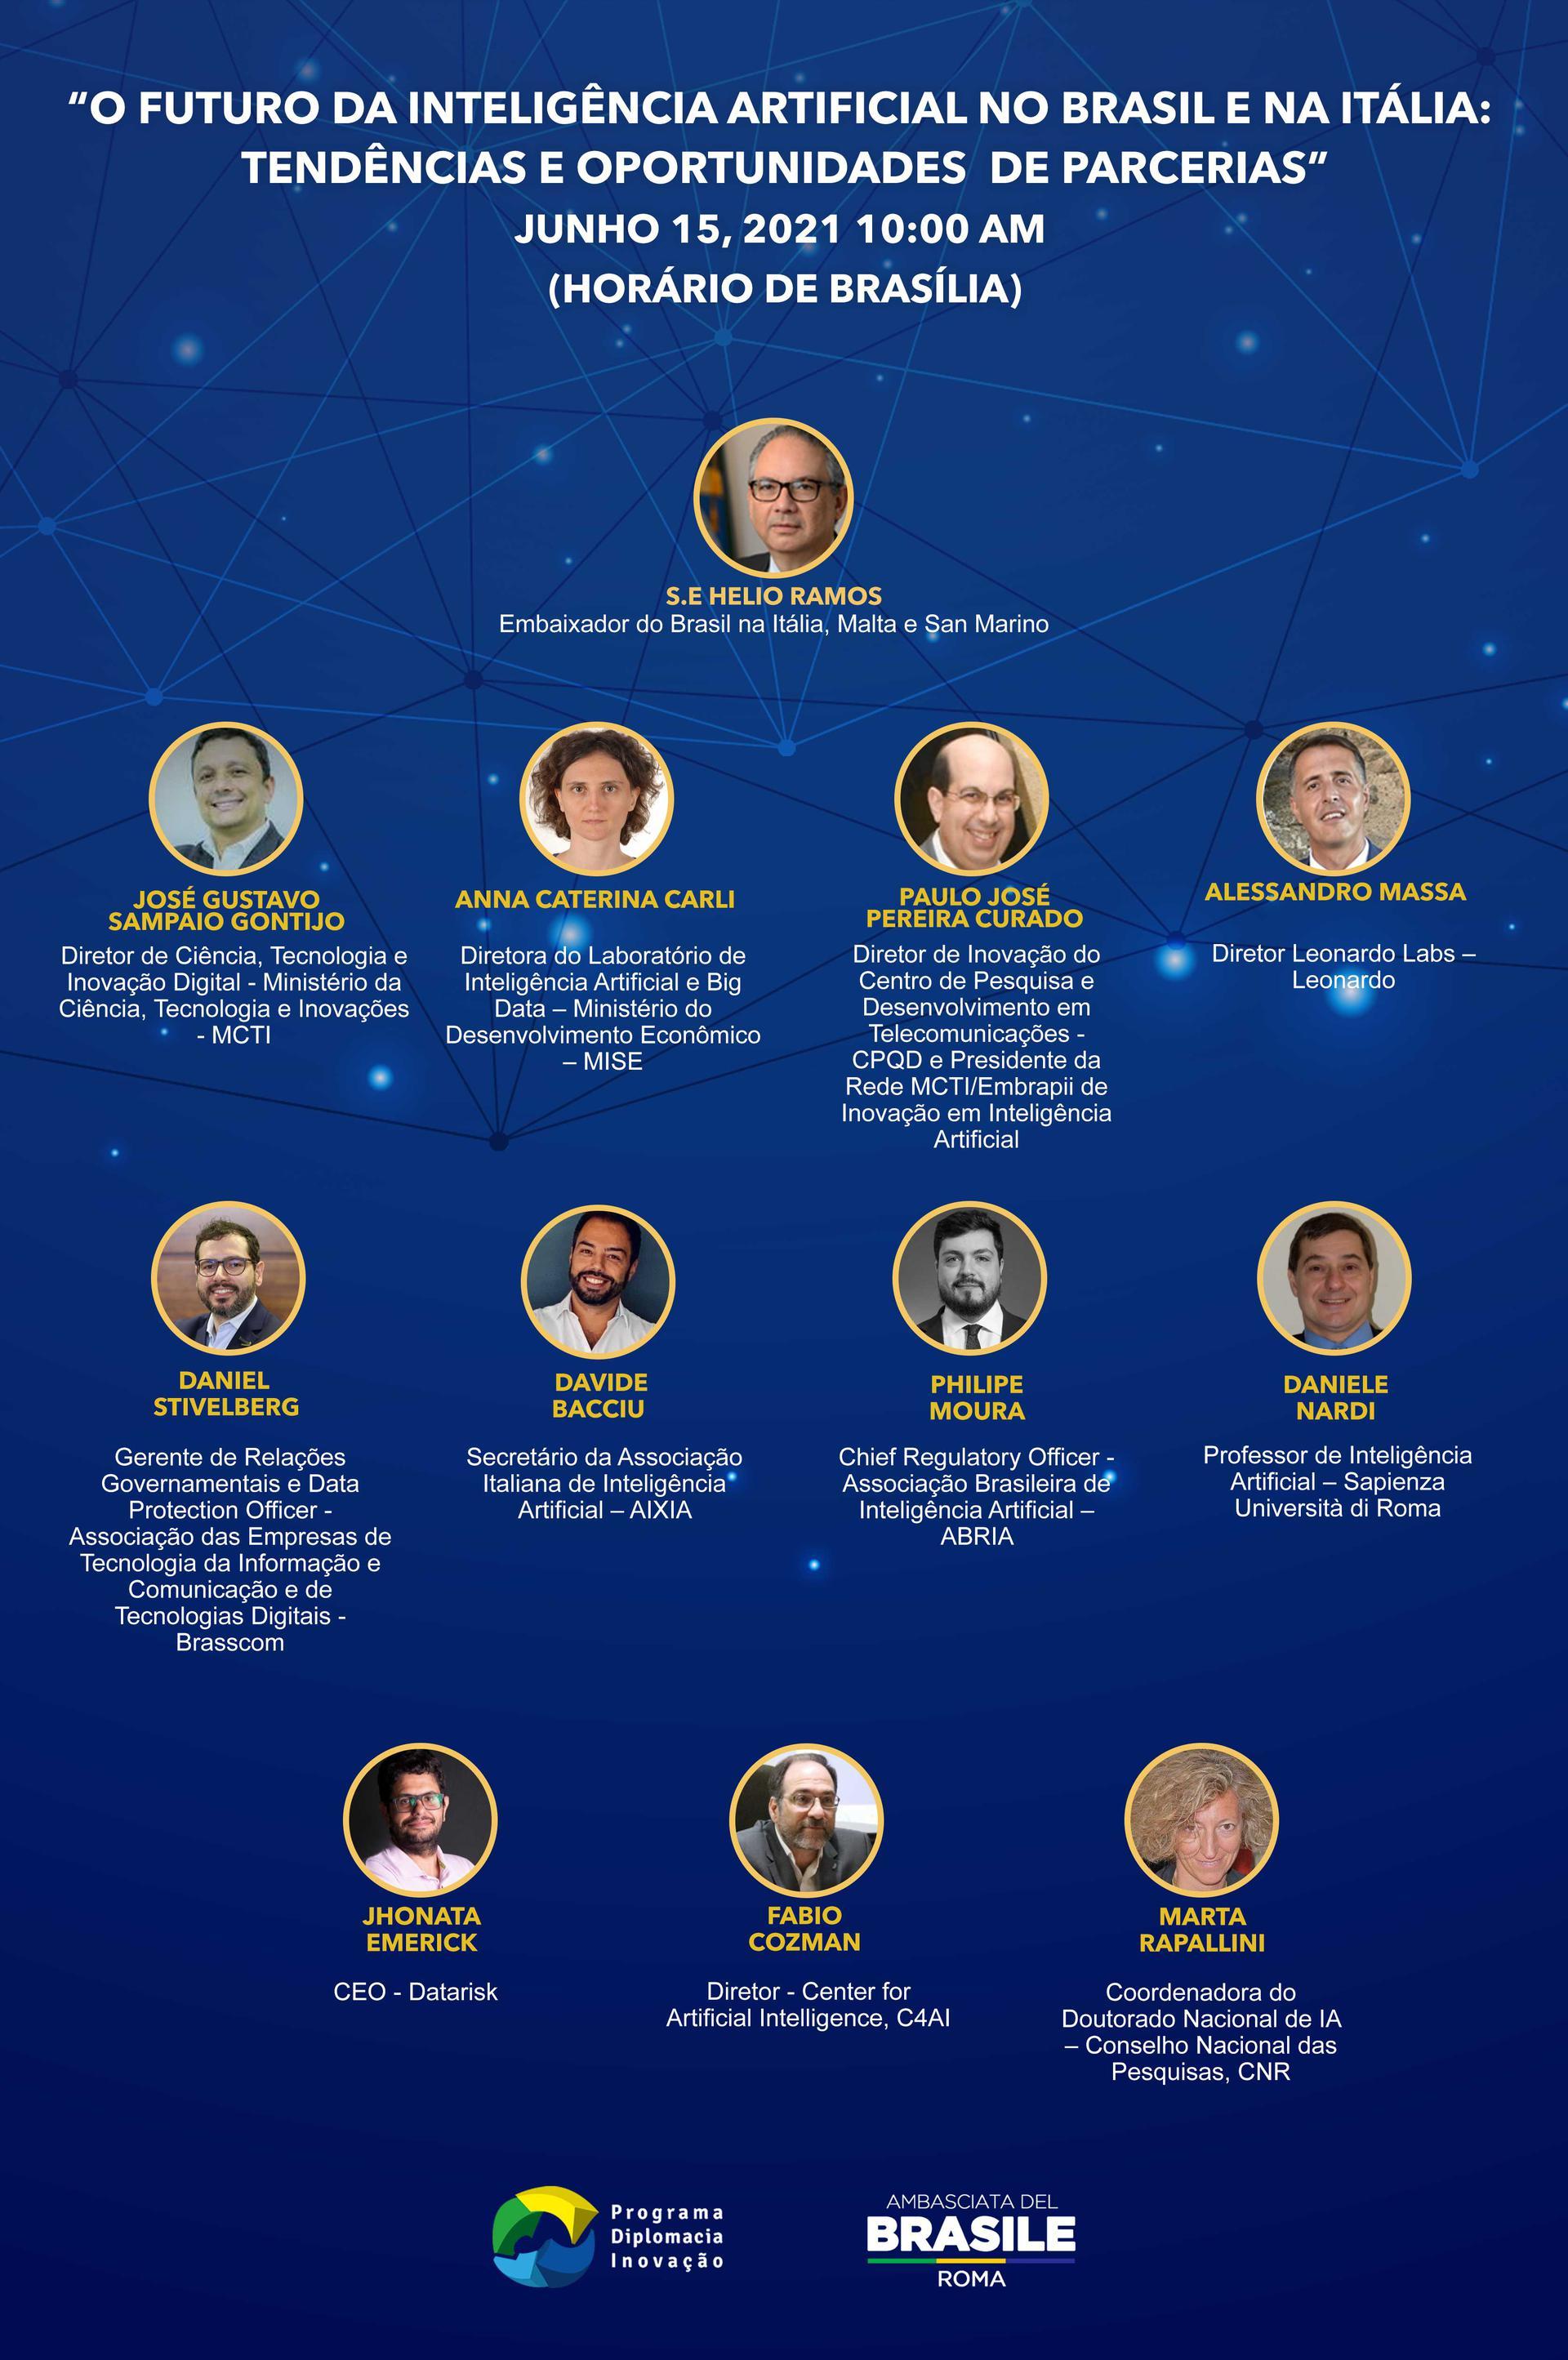 O Futuro da Inteligência Artificial no Brasil e Itália: tendências e oportunidades de parceria